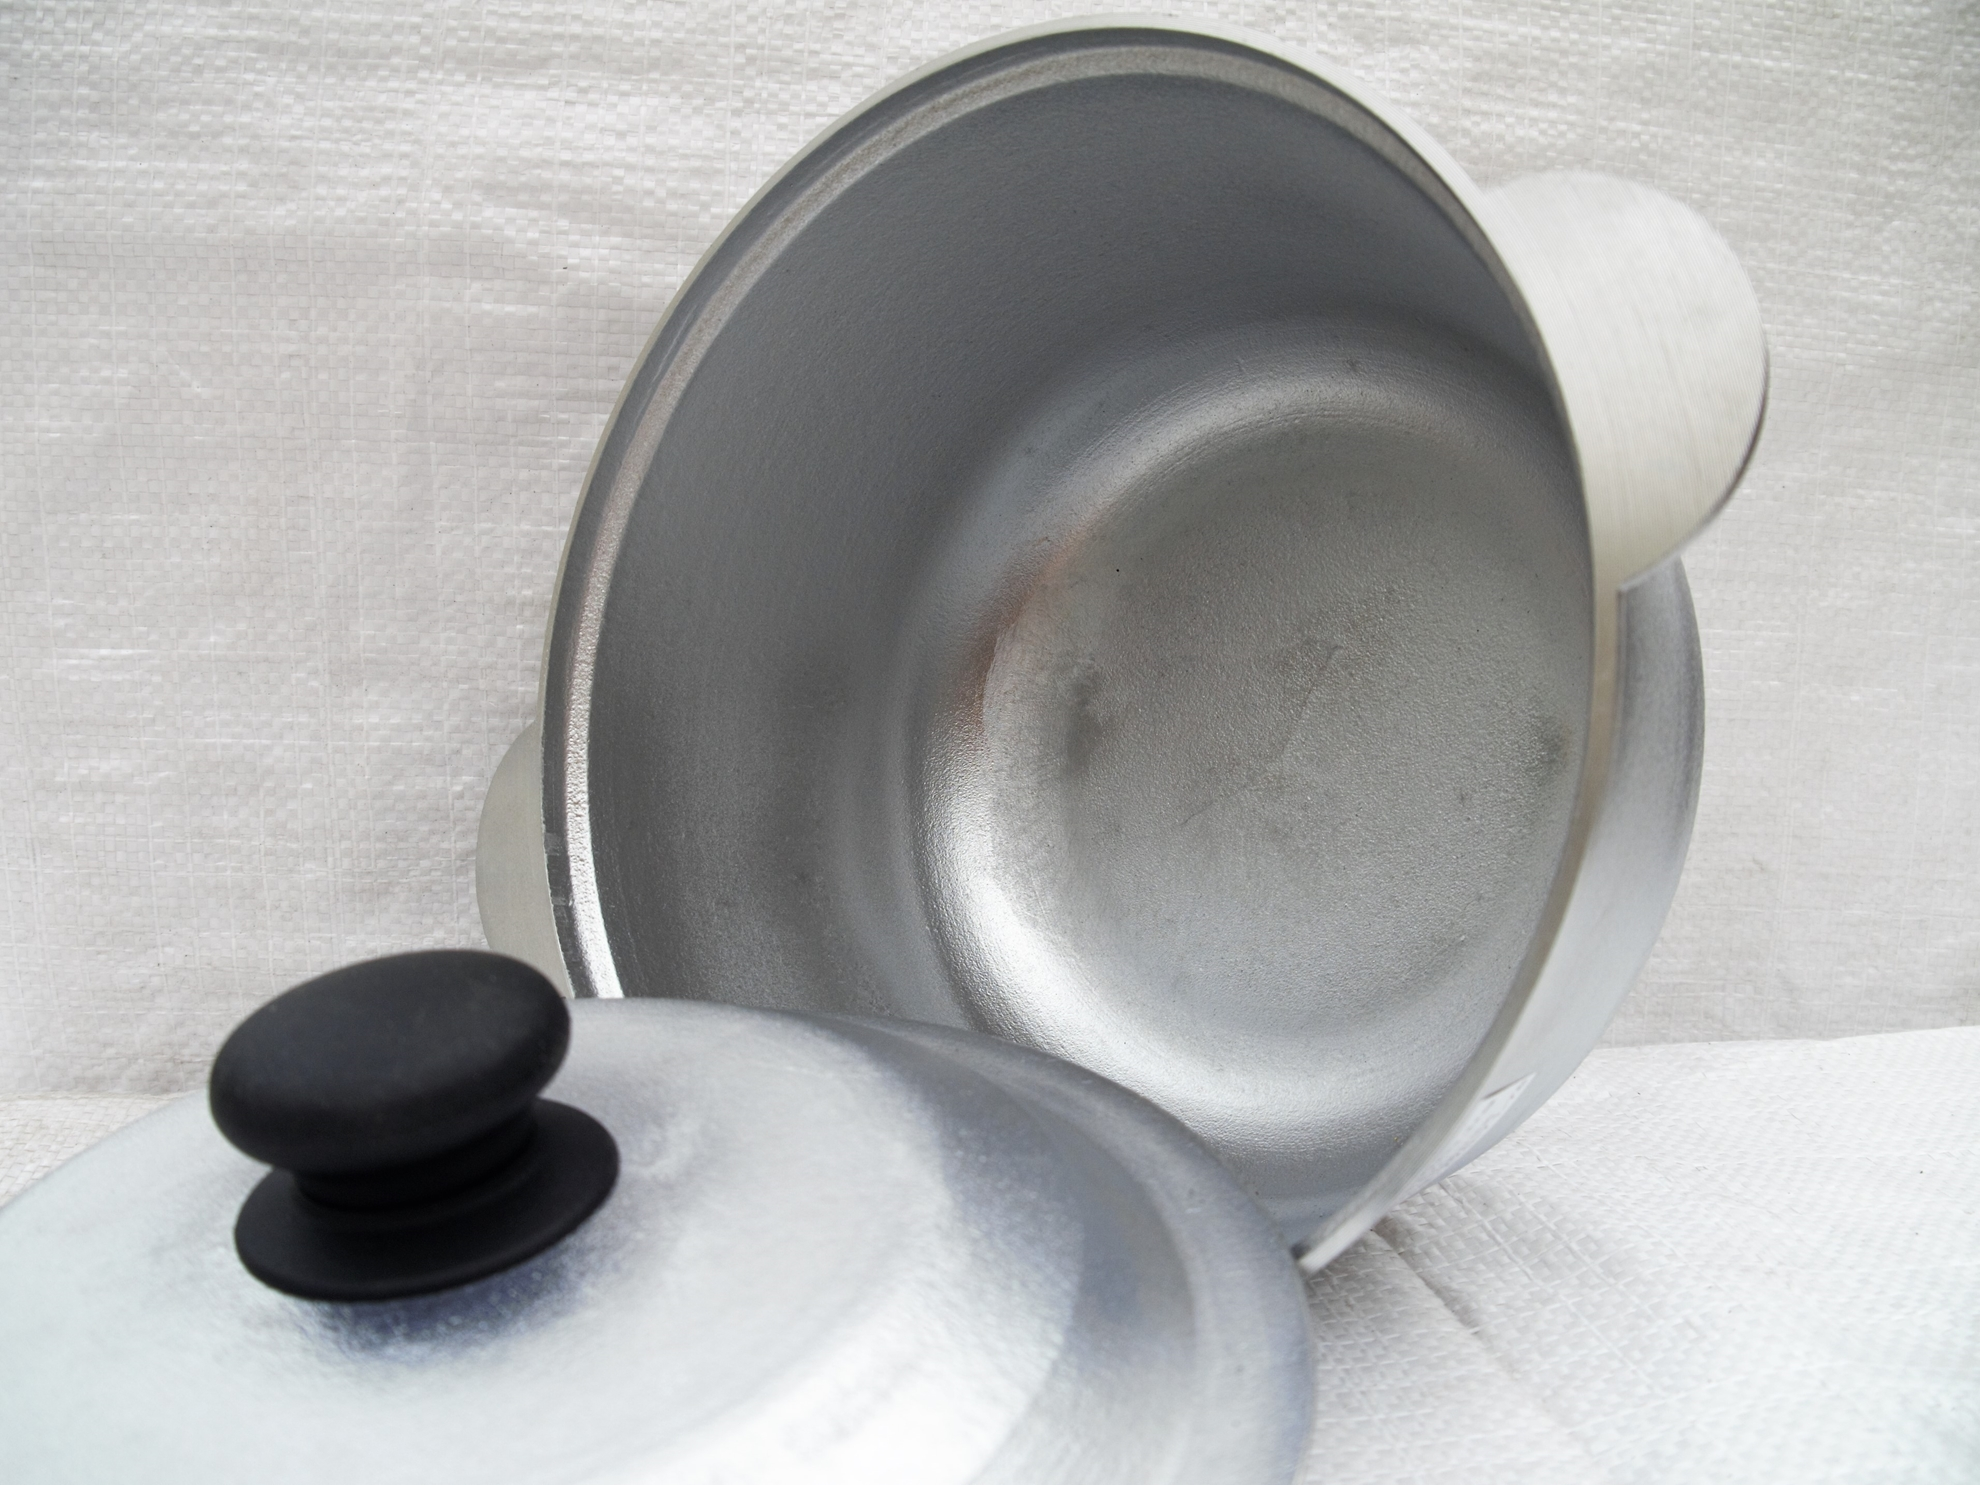 Народные средства для очистки алюминиевого казана